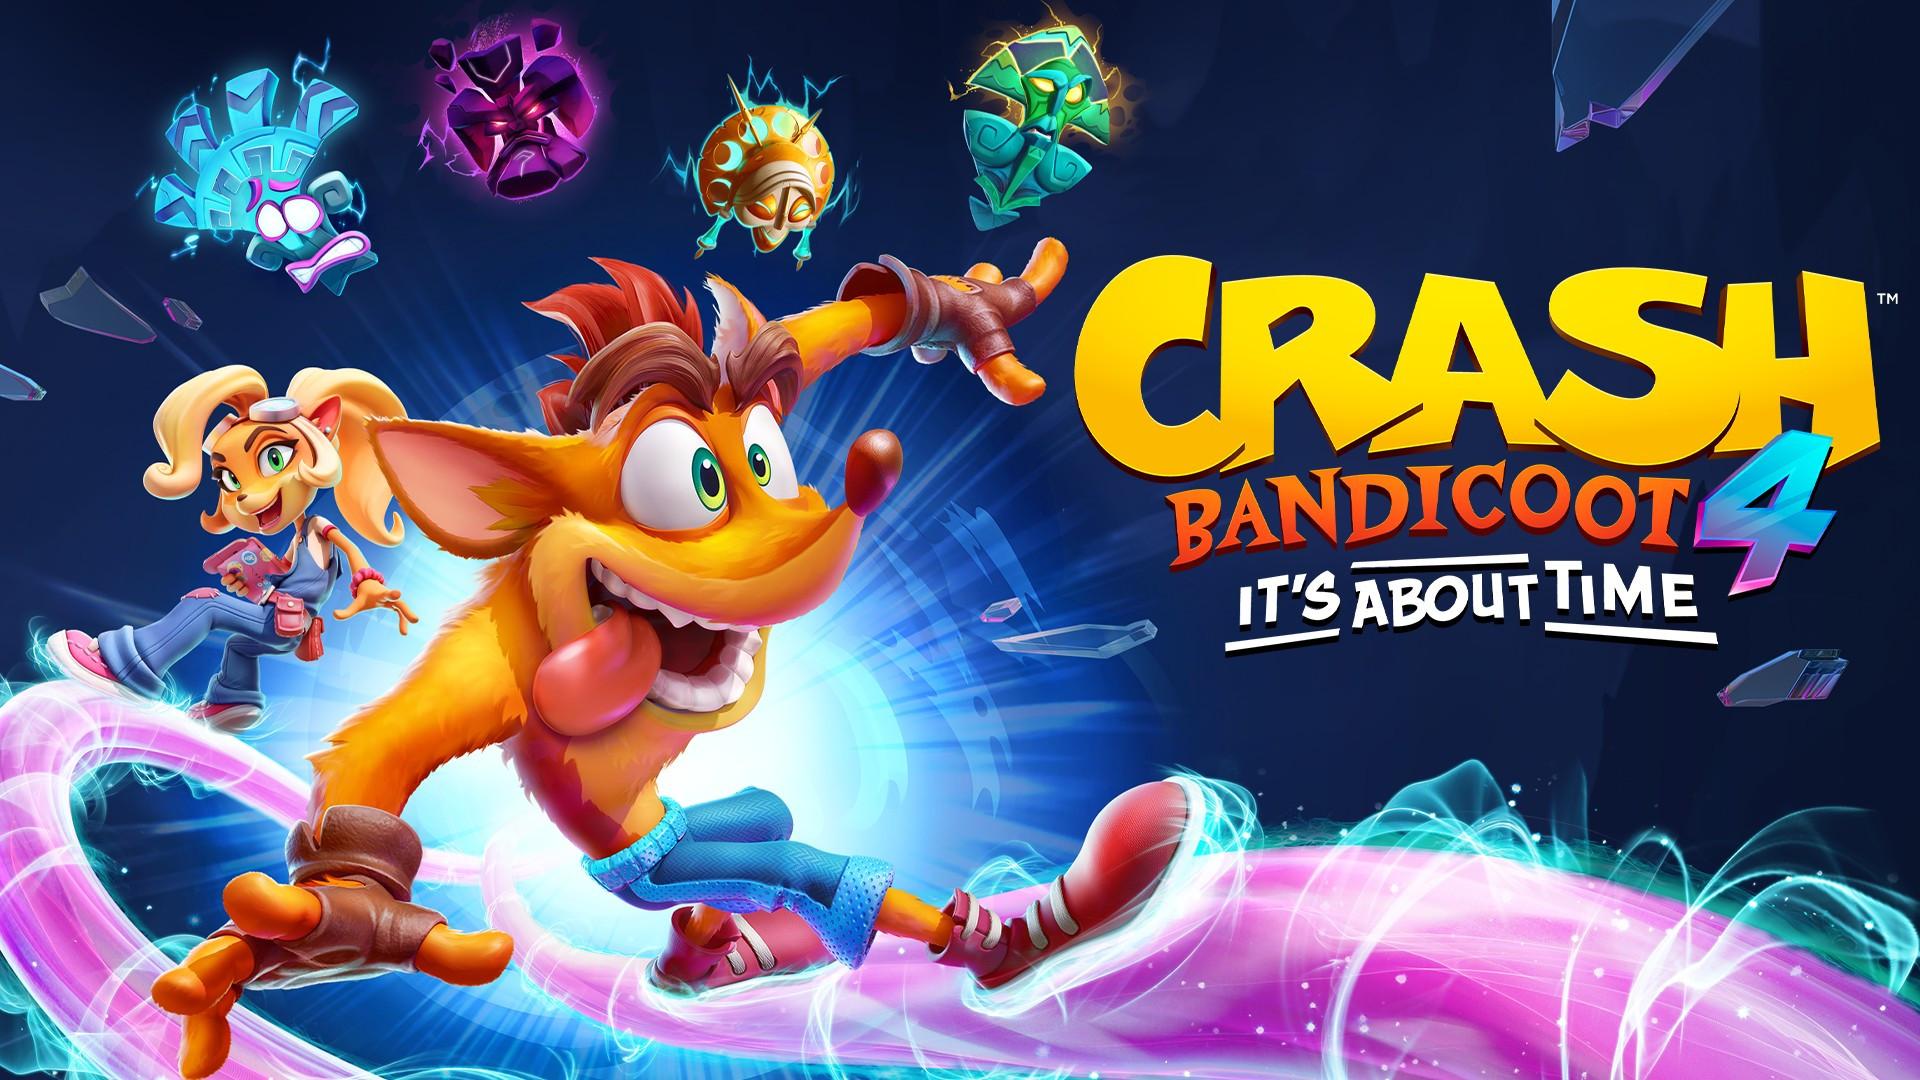 Crash Bandicoot 4: It's About Time | Promove o retorno de um personagem em nome da nostalgia sem perder a identidade